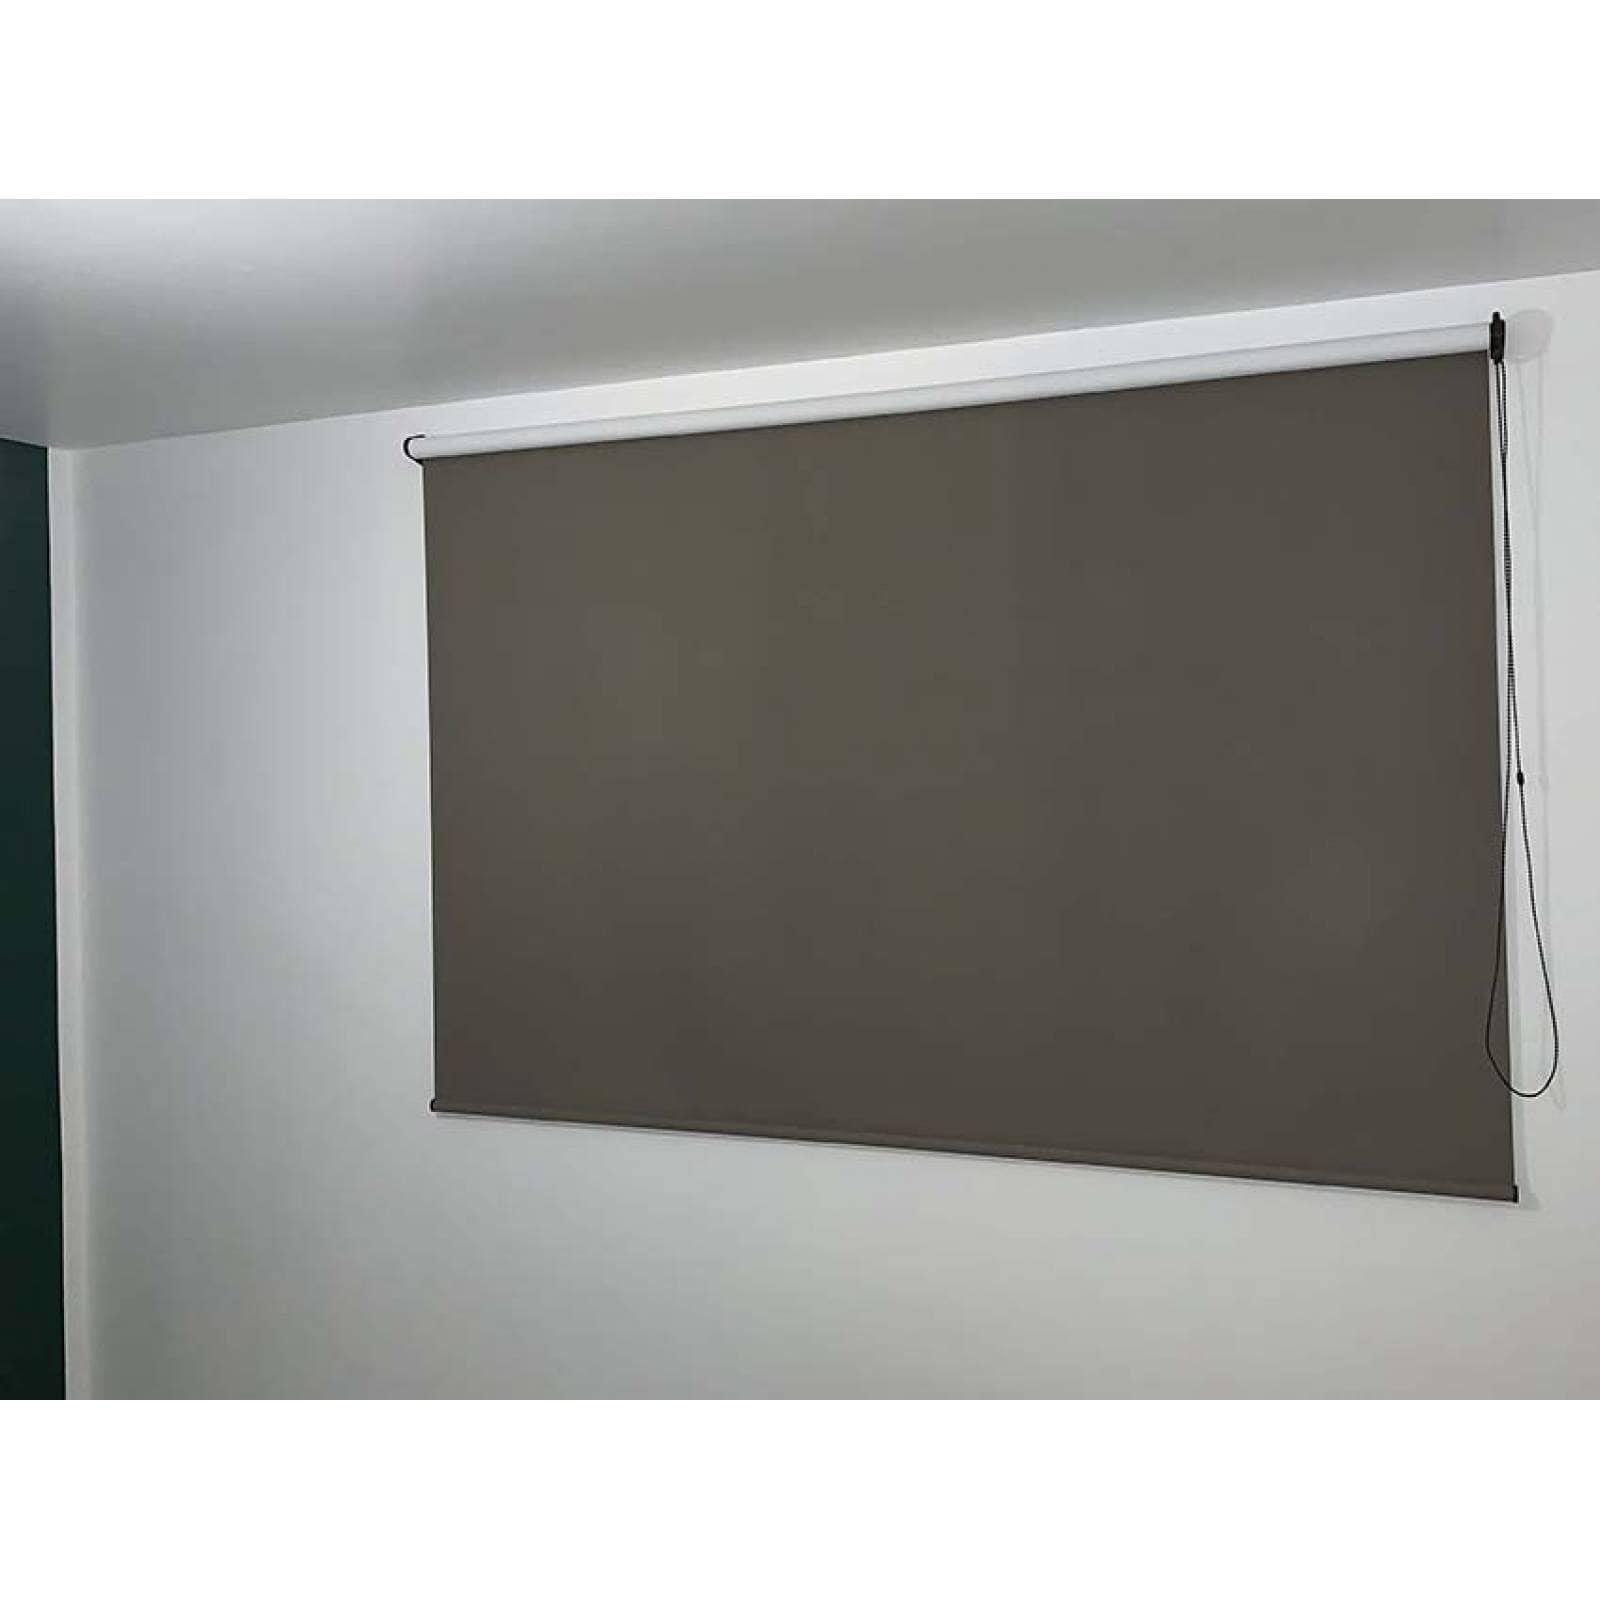 Persianas Blackout modelo Texture 100 cm de ancho X hasta 100 cm de largo